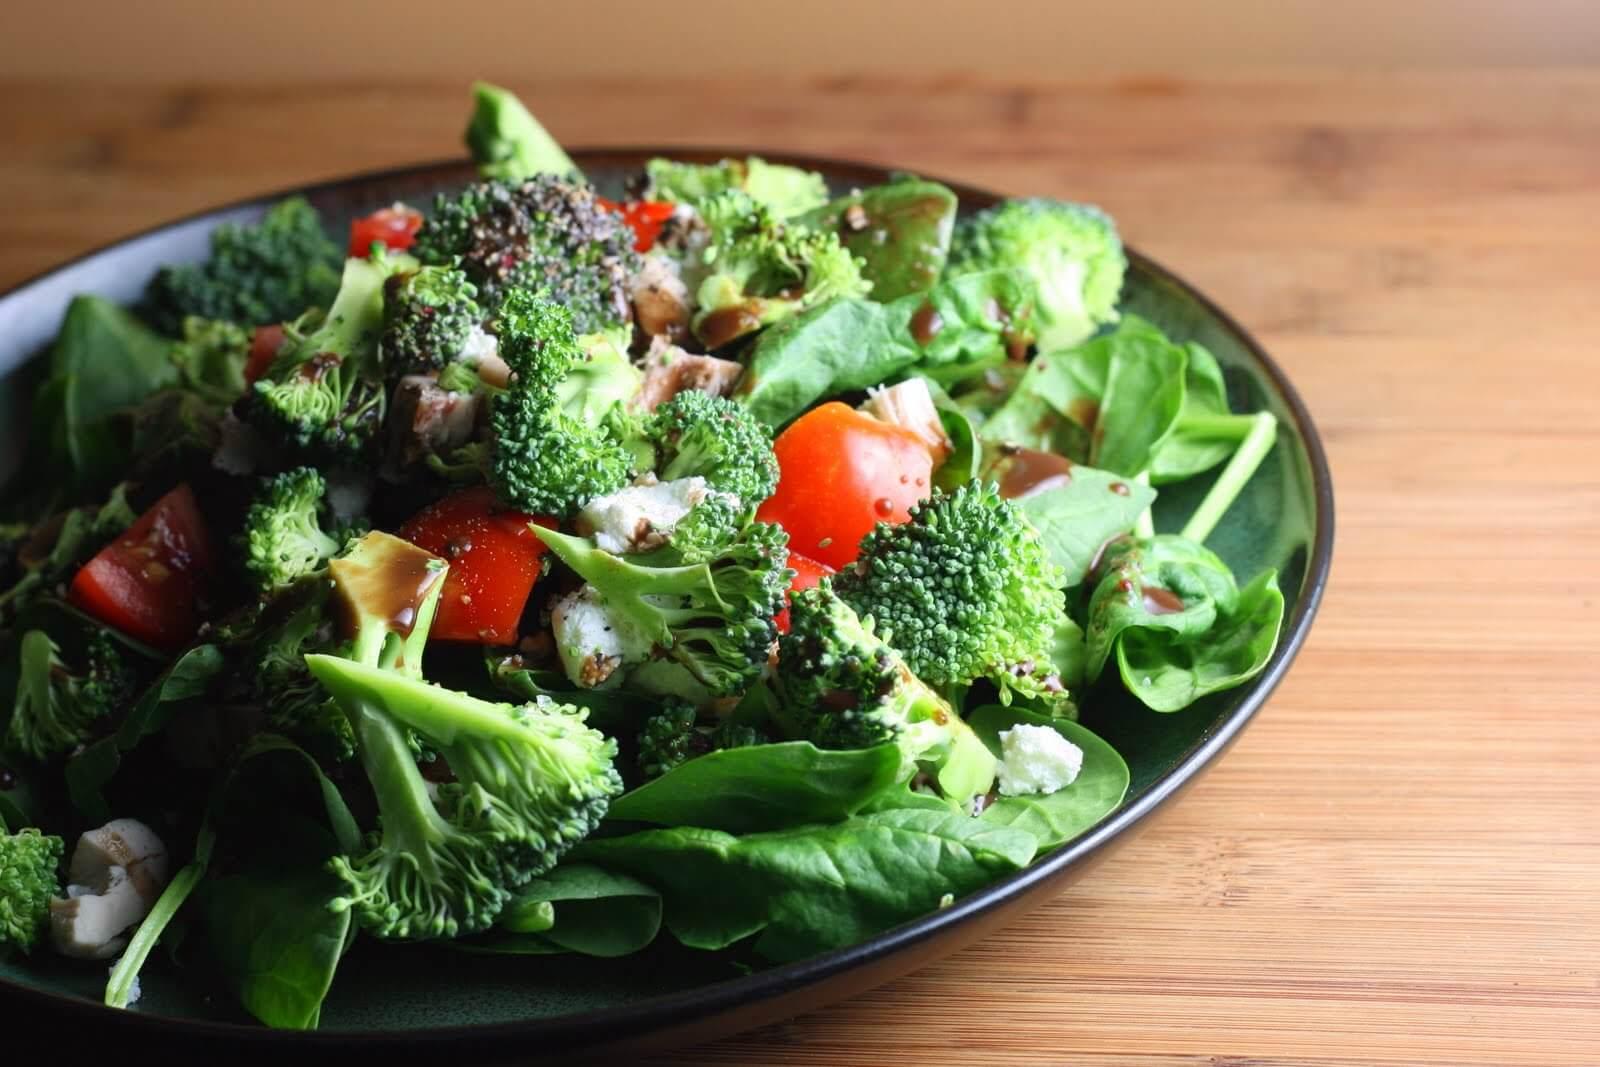 Talerz sałatki i warzywa